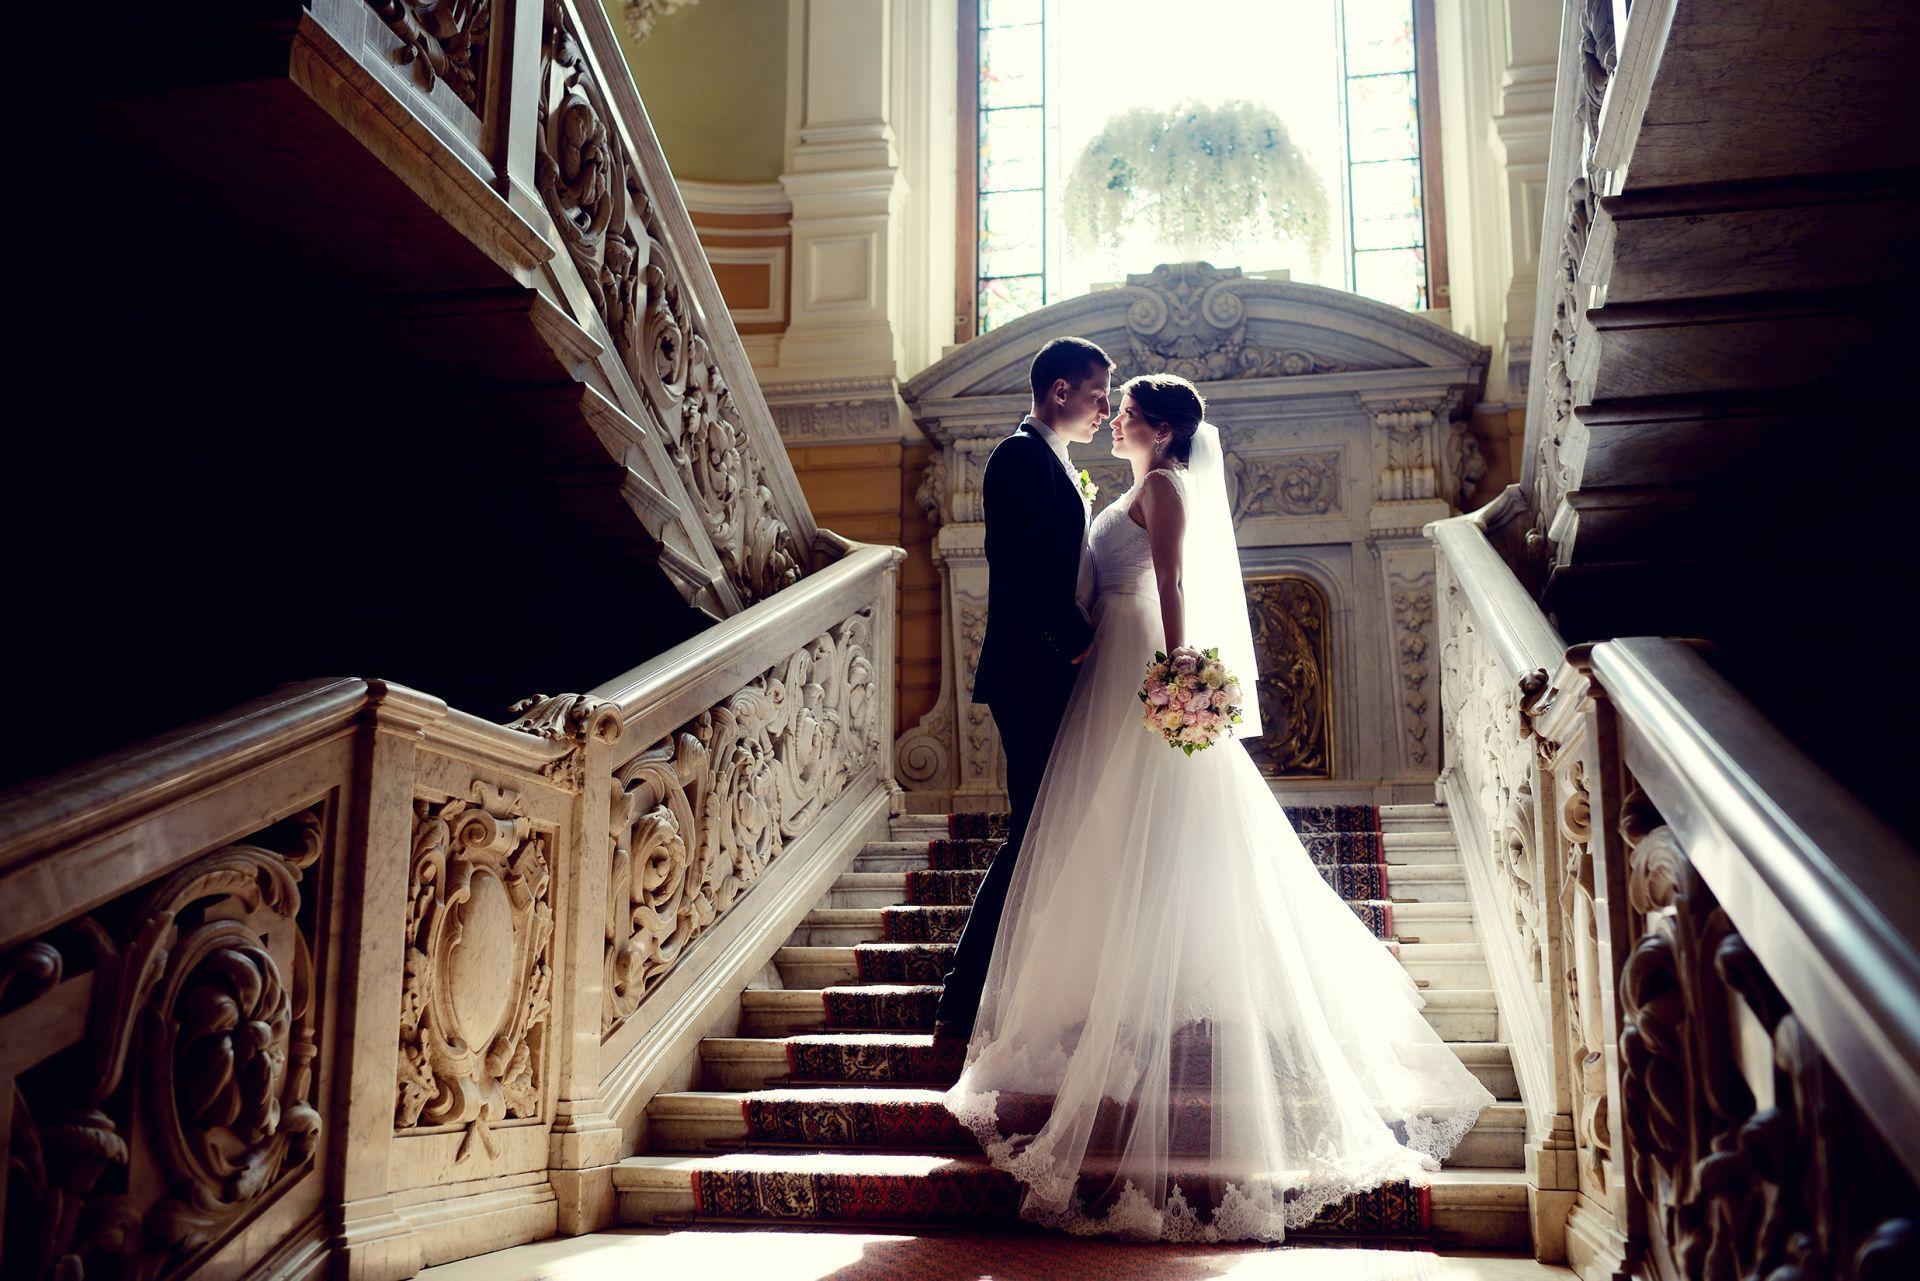 Fotos de boda inolvidables: 5 consejos para obtener excelentes fotos